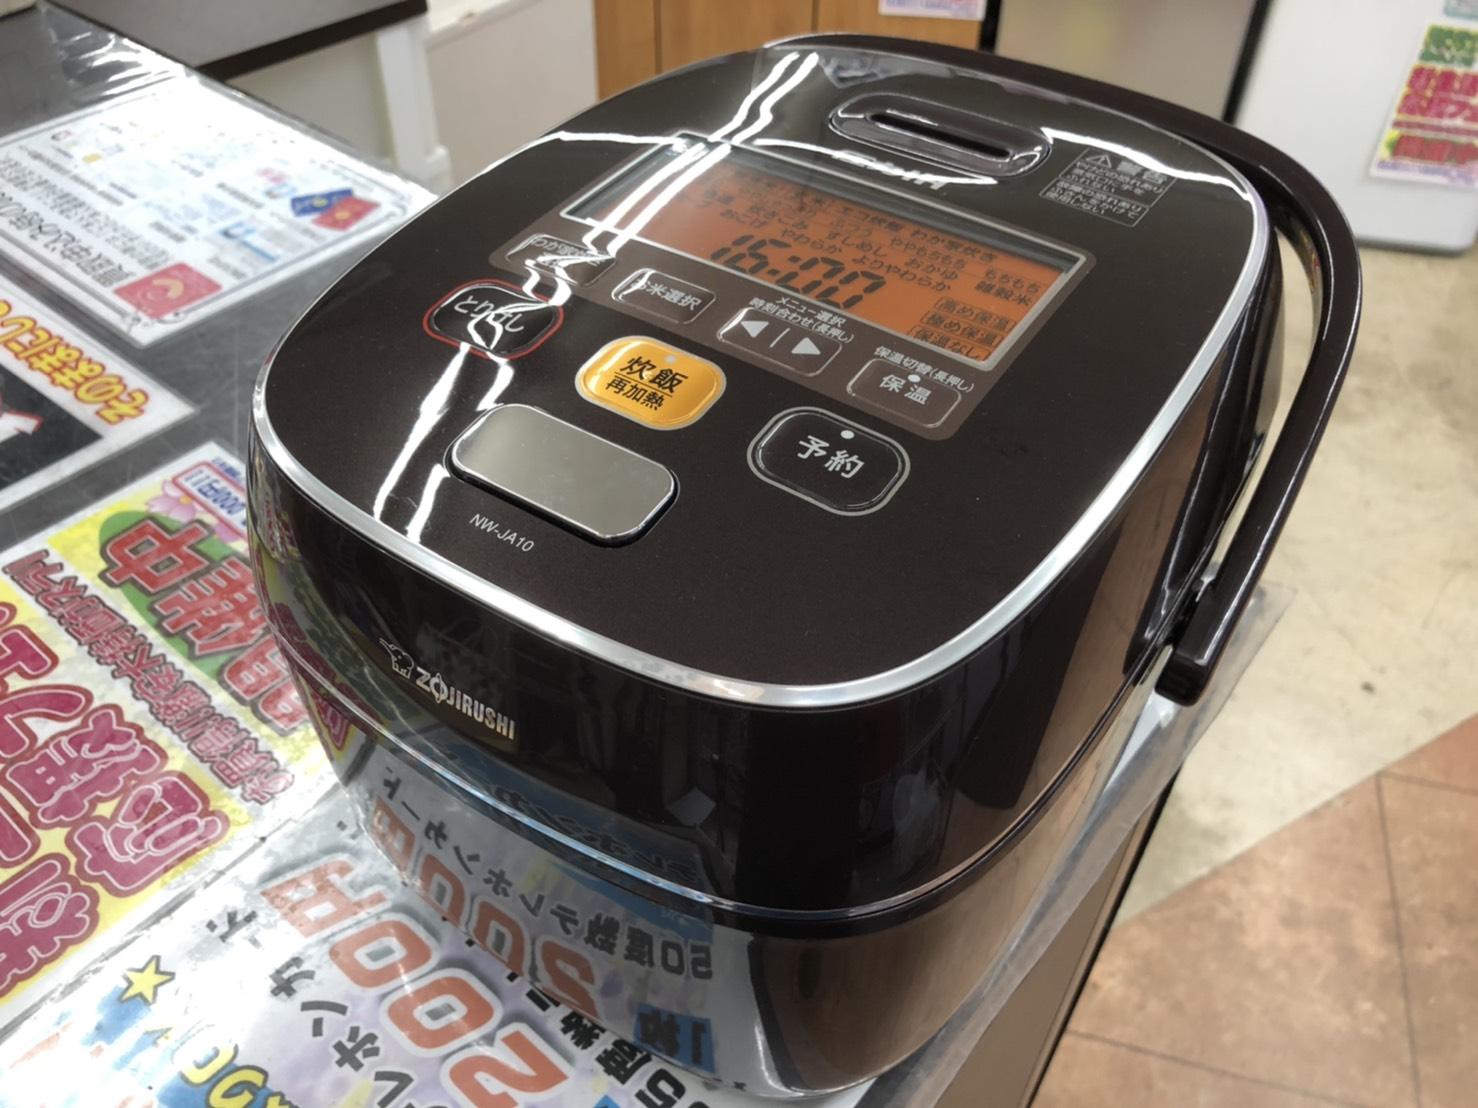 象印 炊飯器 5.5合 圧力IH式 極め炊き 鉄器コートプラチナ厚釜 ブラウン NW-JA10-TA をお買取させて頂きました!!の買取-